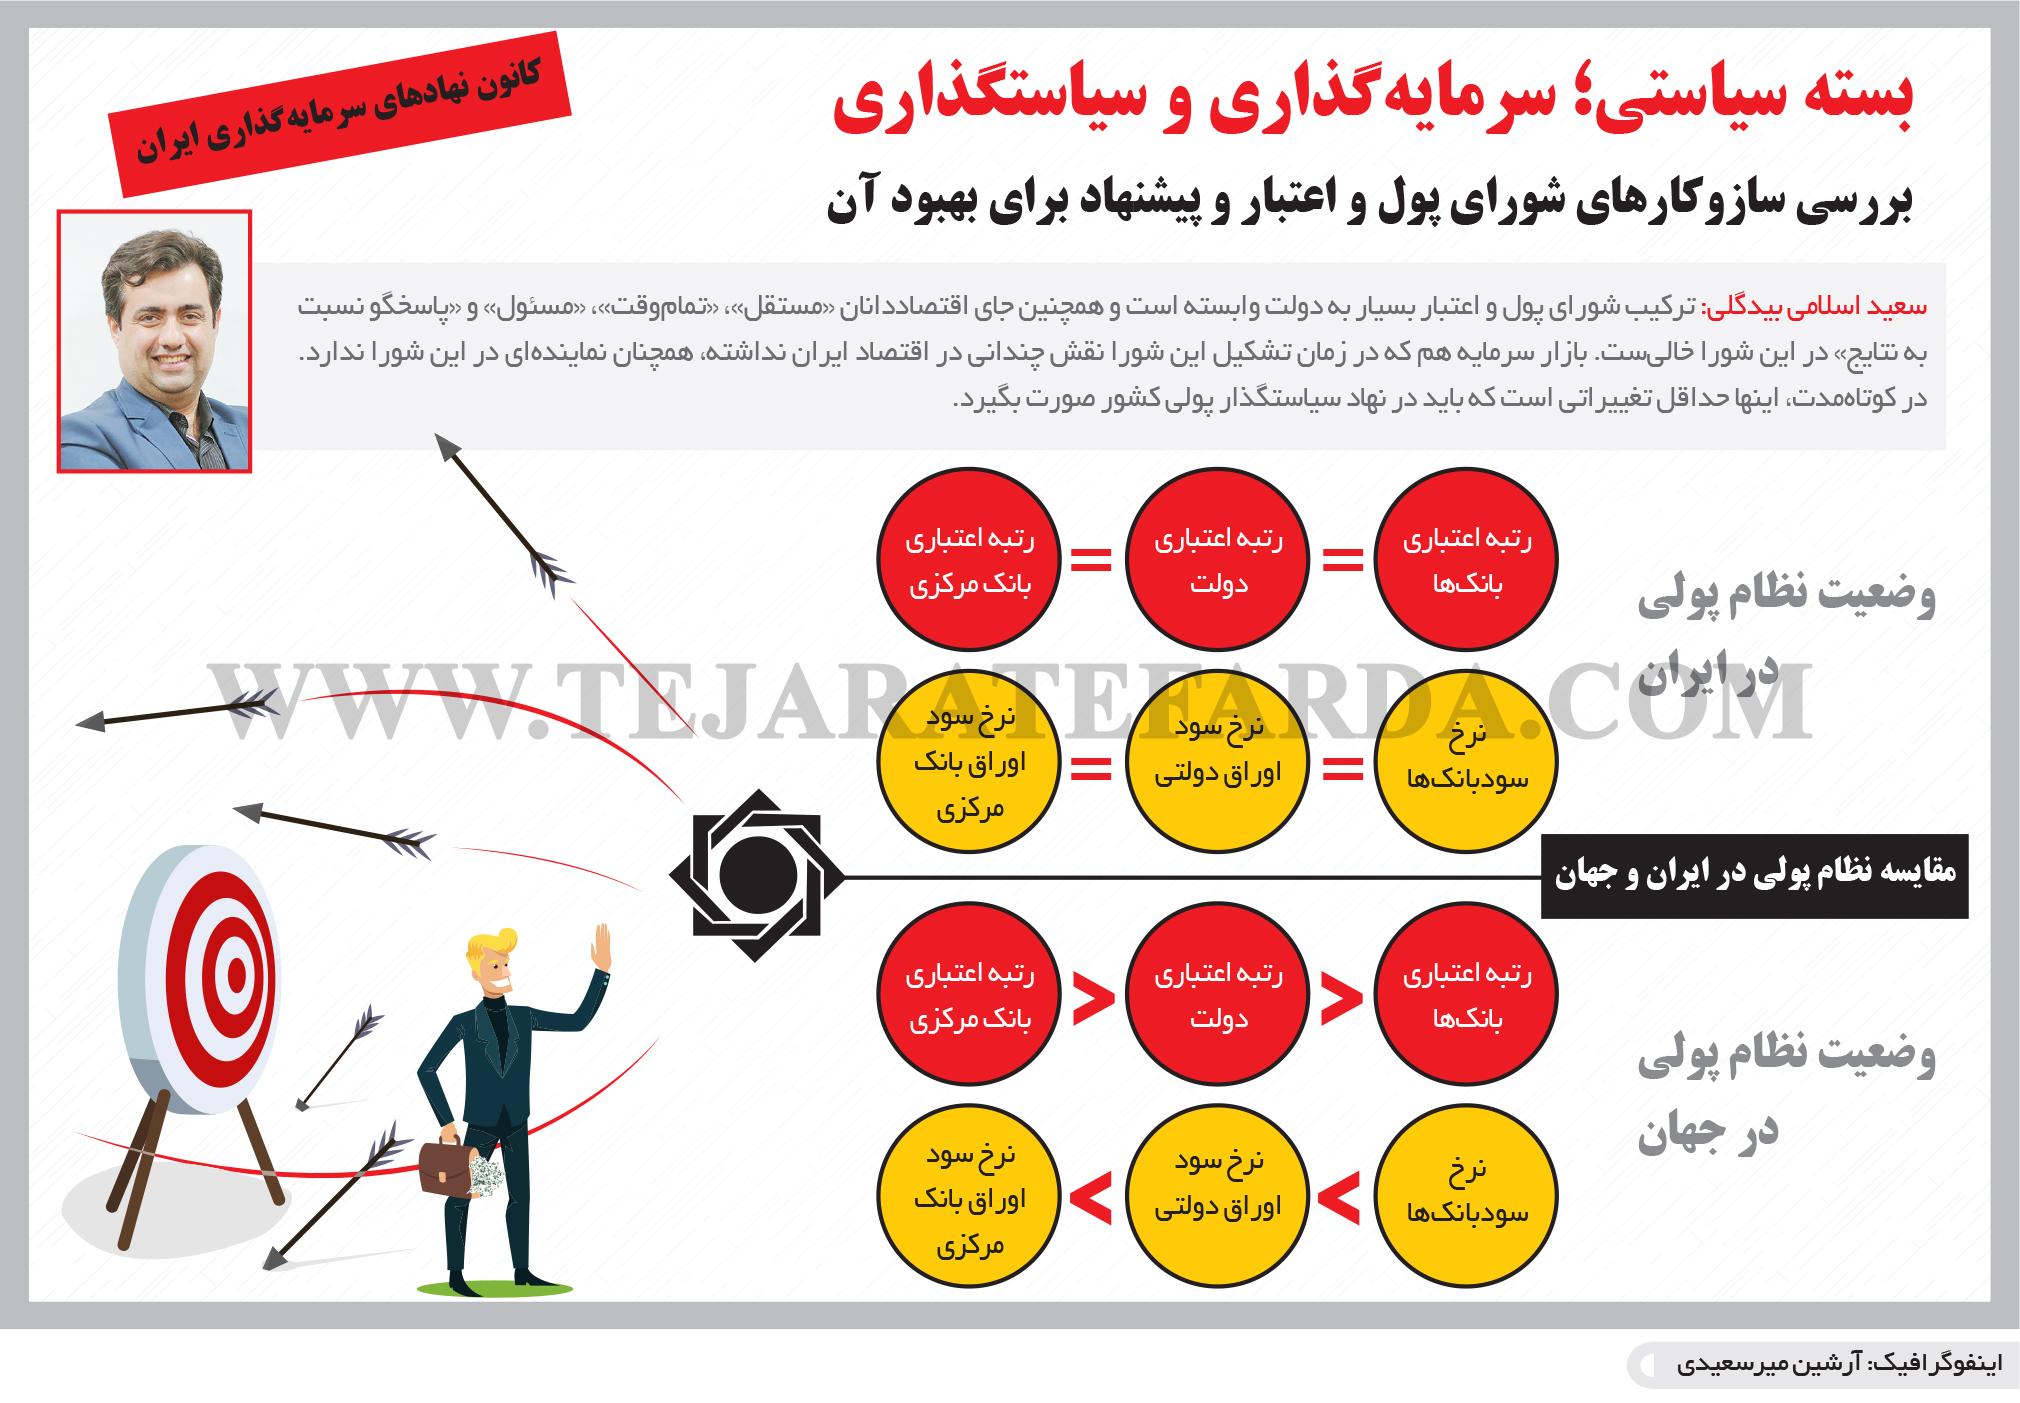 تجارت- فردا- بسته سیاستی؛ سرمایهگذاری و سیاستگذاری(اینفوگرافیک)